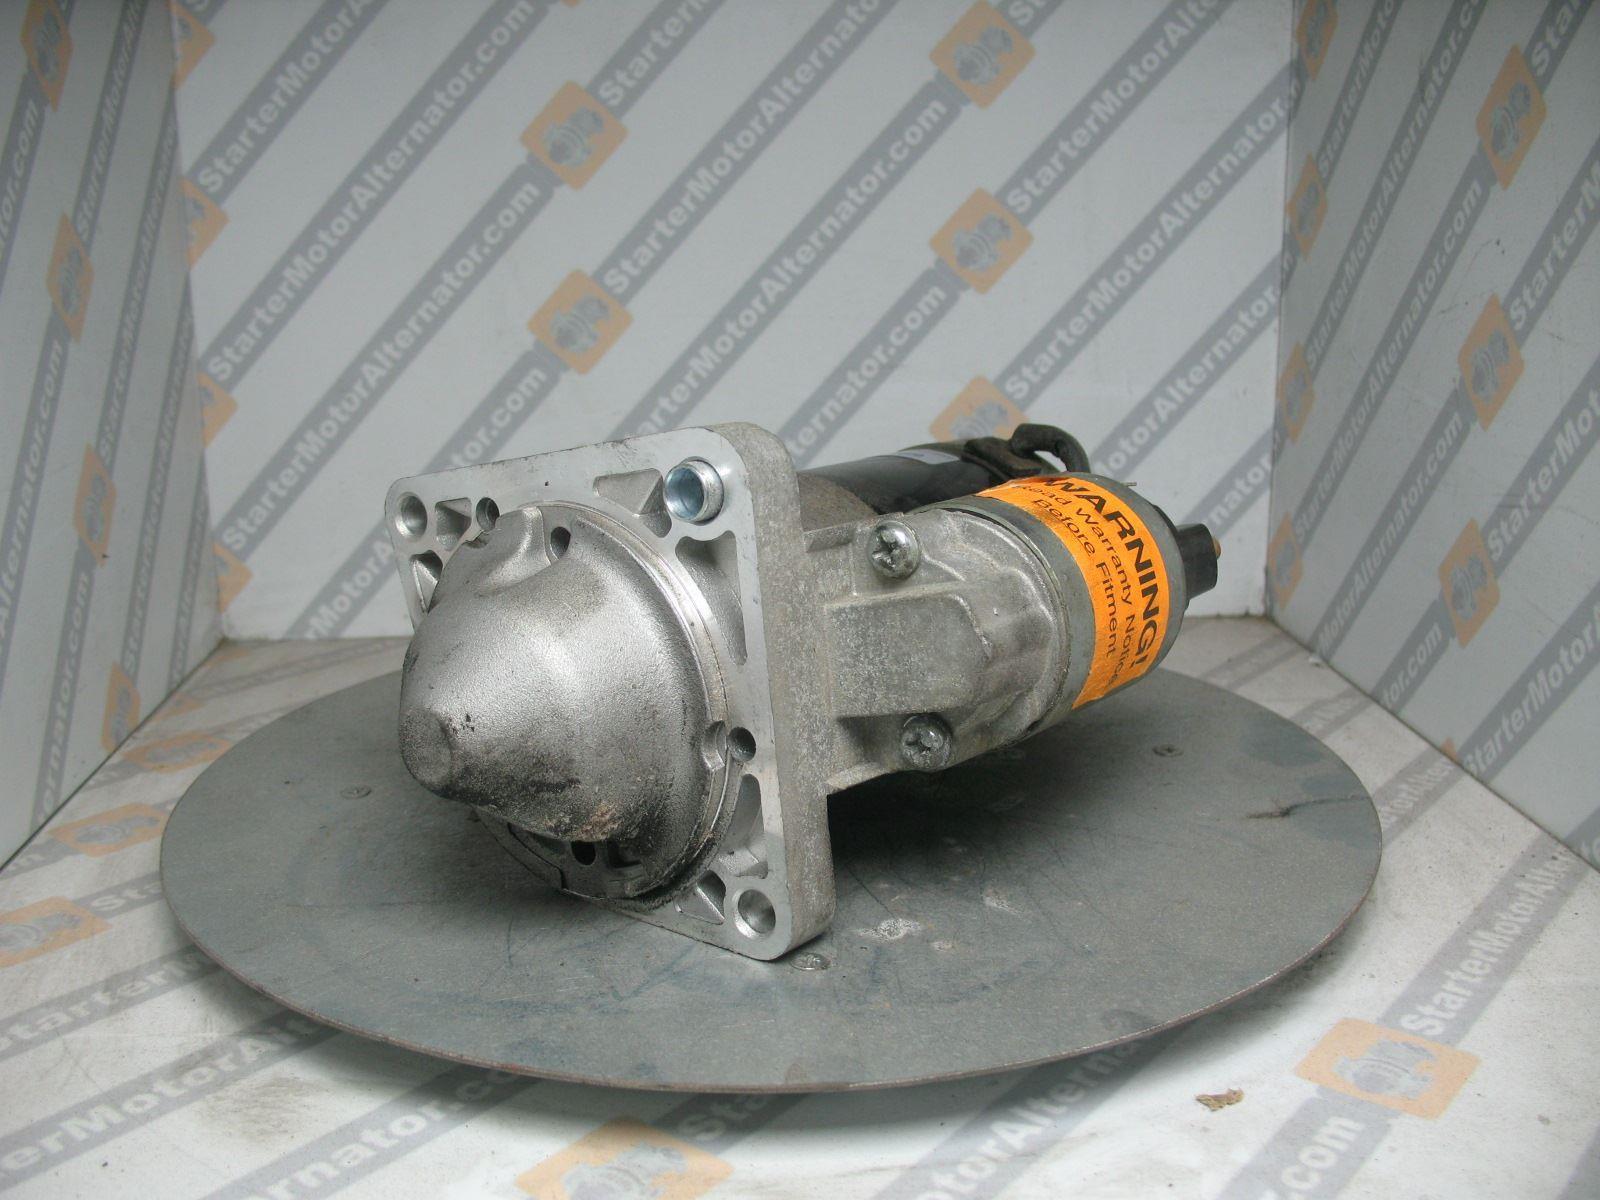 XIY2173 Starter Motor For Cadillac / Opel / Saab / Vauxhall